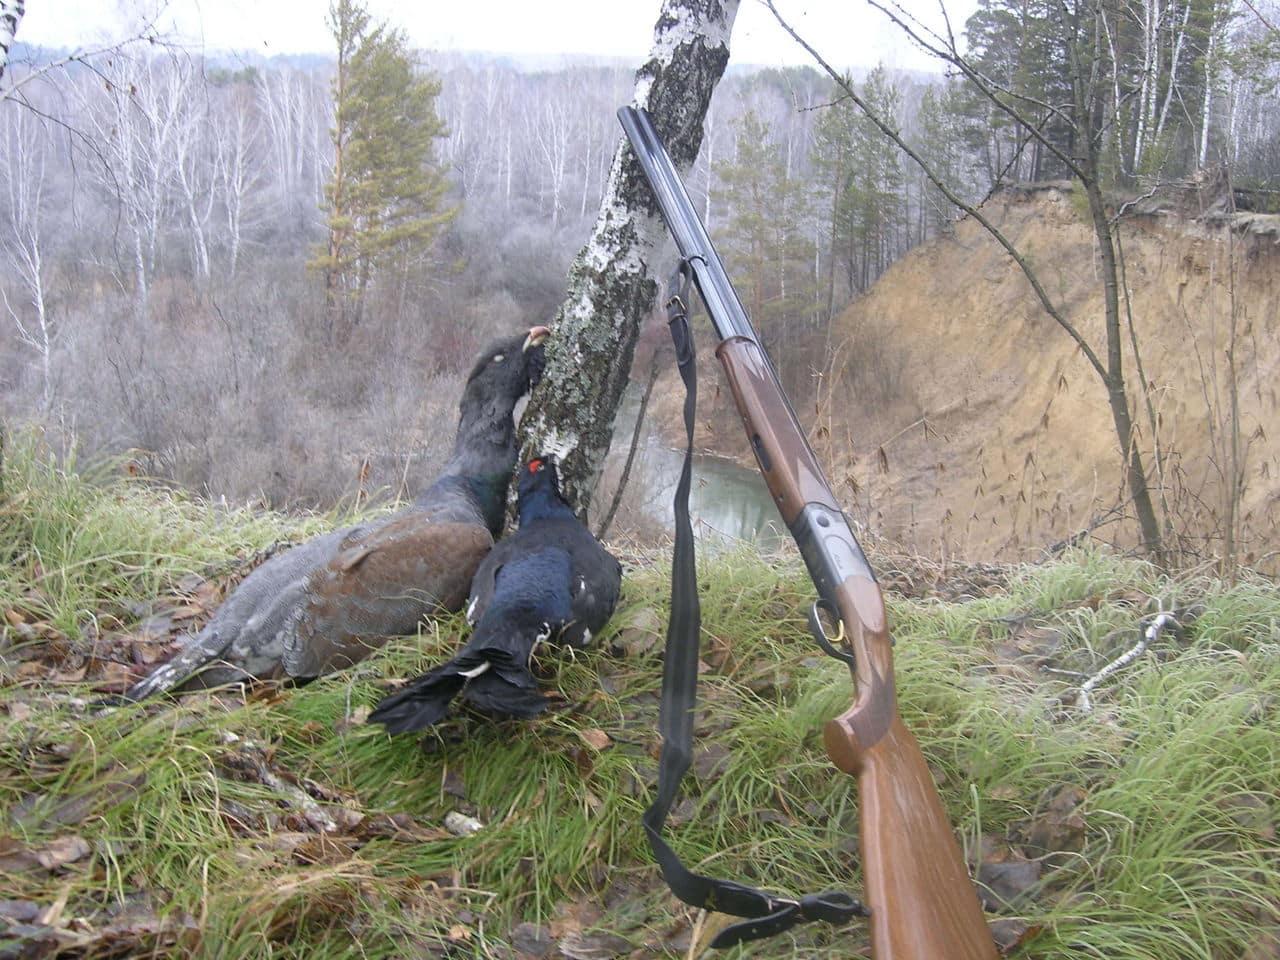 В 2021 году вступят в силу новые правила охоты в России